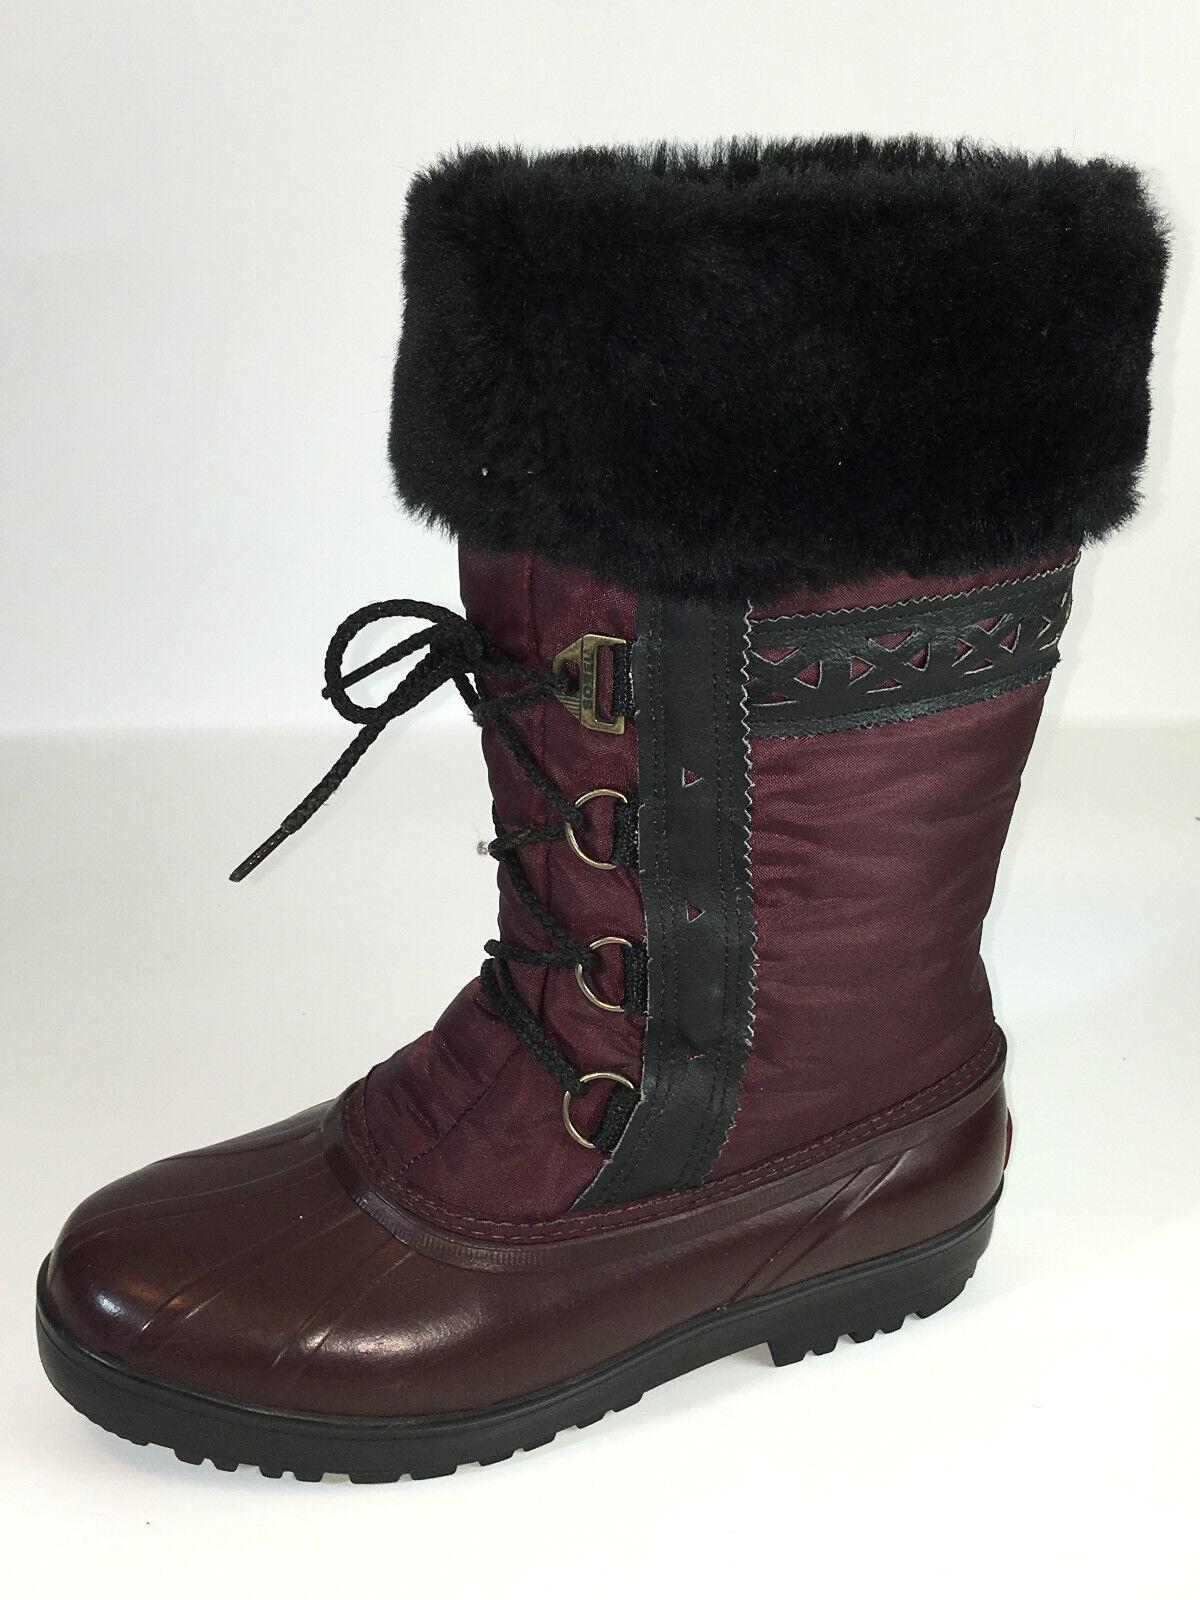 prezzi più bassi Sorel Lace Front Fur Fur Fur Cuff Rain Snow Donna  stivali Burgundy Dimensione 10 USA.  ordina ora i prezzi più bassi